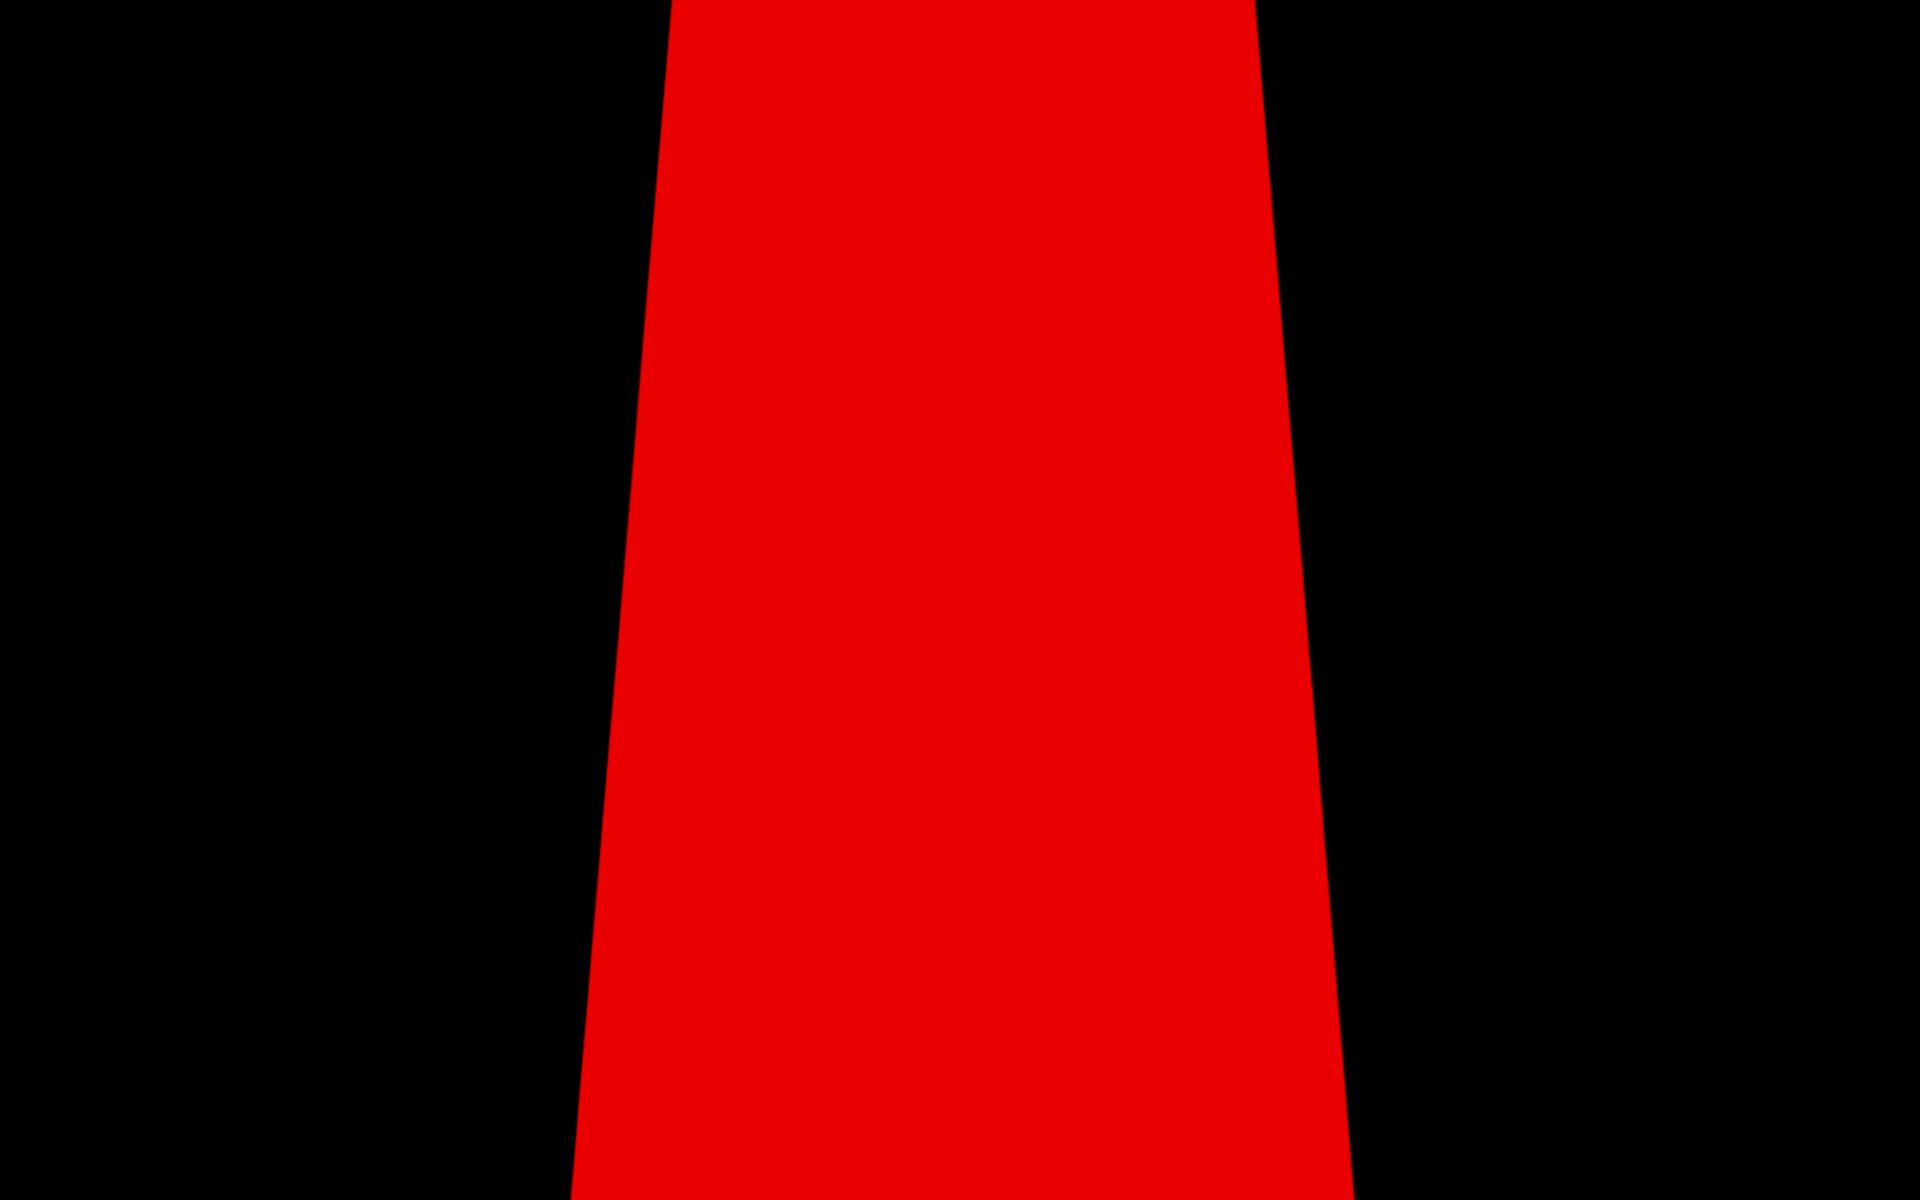 led zeppelin slider 1